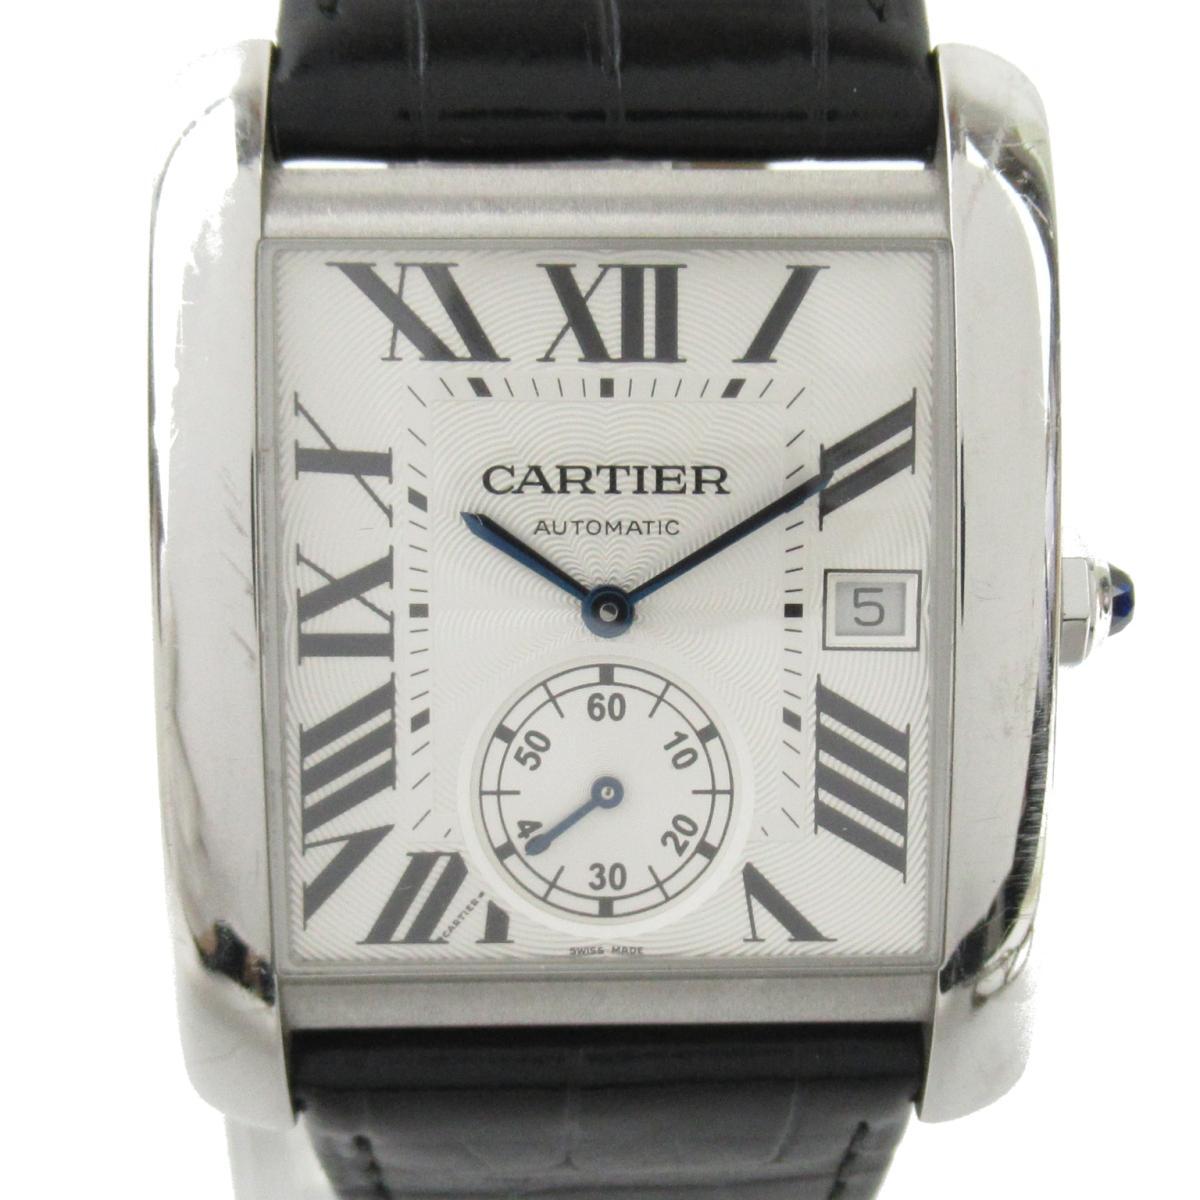 ≪期間限定≫メルマガ登録でクーポンGET! 【中古】 カルティエ タンクMC ウォッチ 腕時計 メンズ ステンレススチール (SS) クロコレザーベルト (W5330003)   Cartier BRANDOFF ブランドオフ ブランド ブランド時計 ブランド腕時計 時計